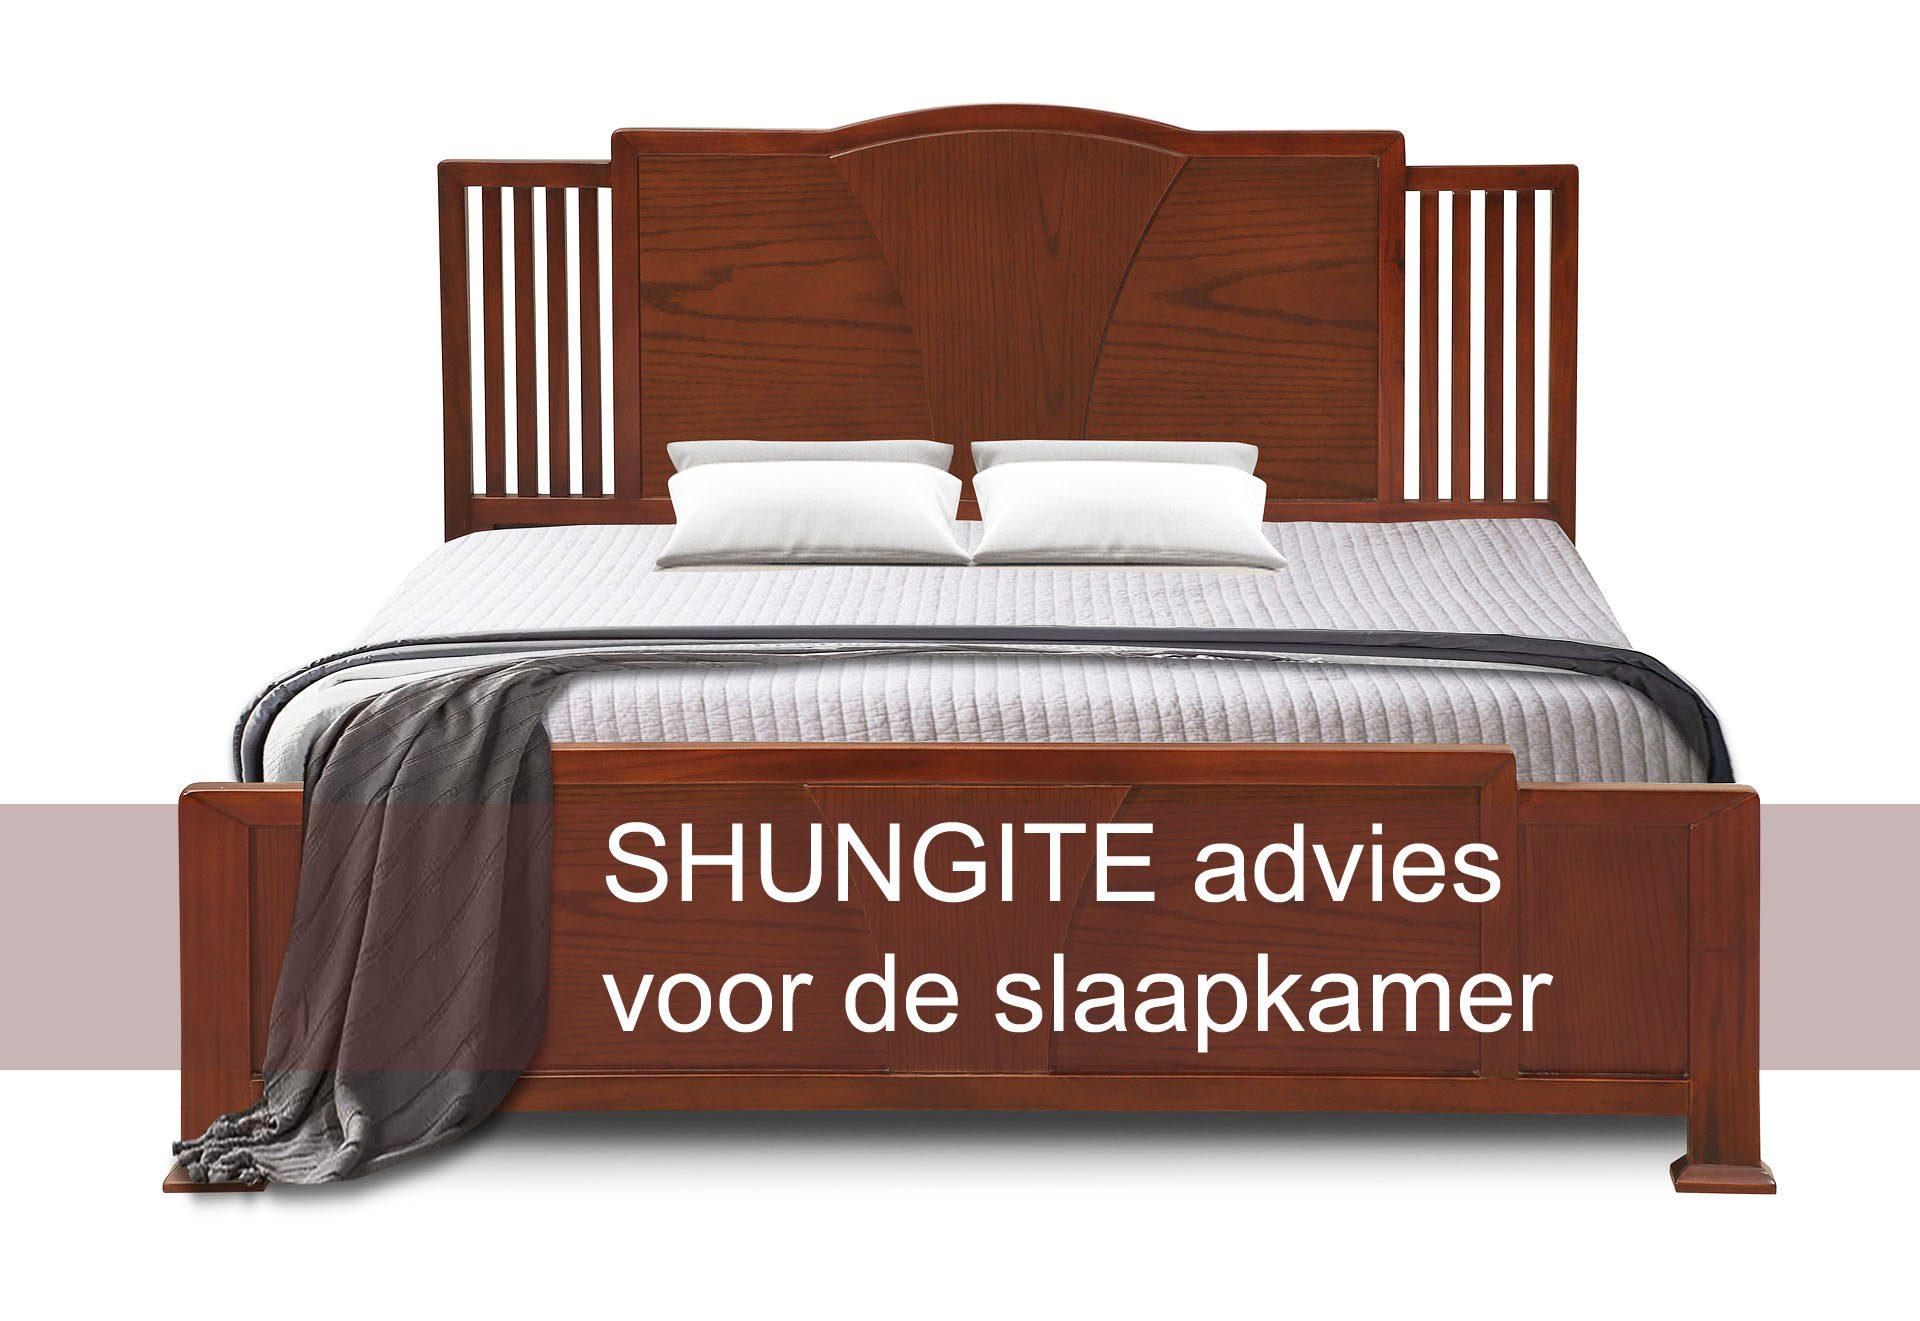 Shungite advies voor de slaapkamer